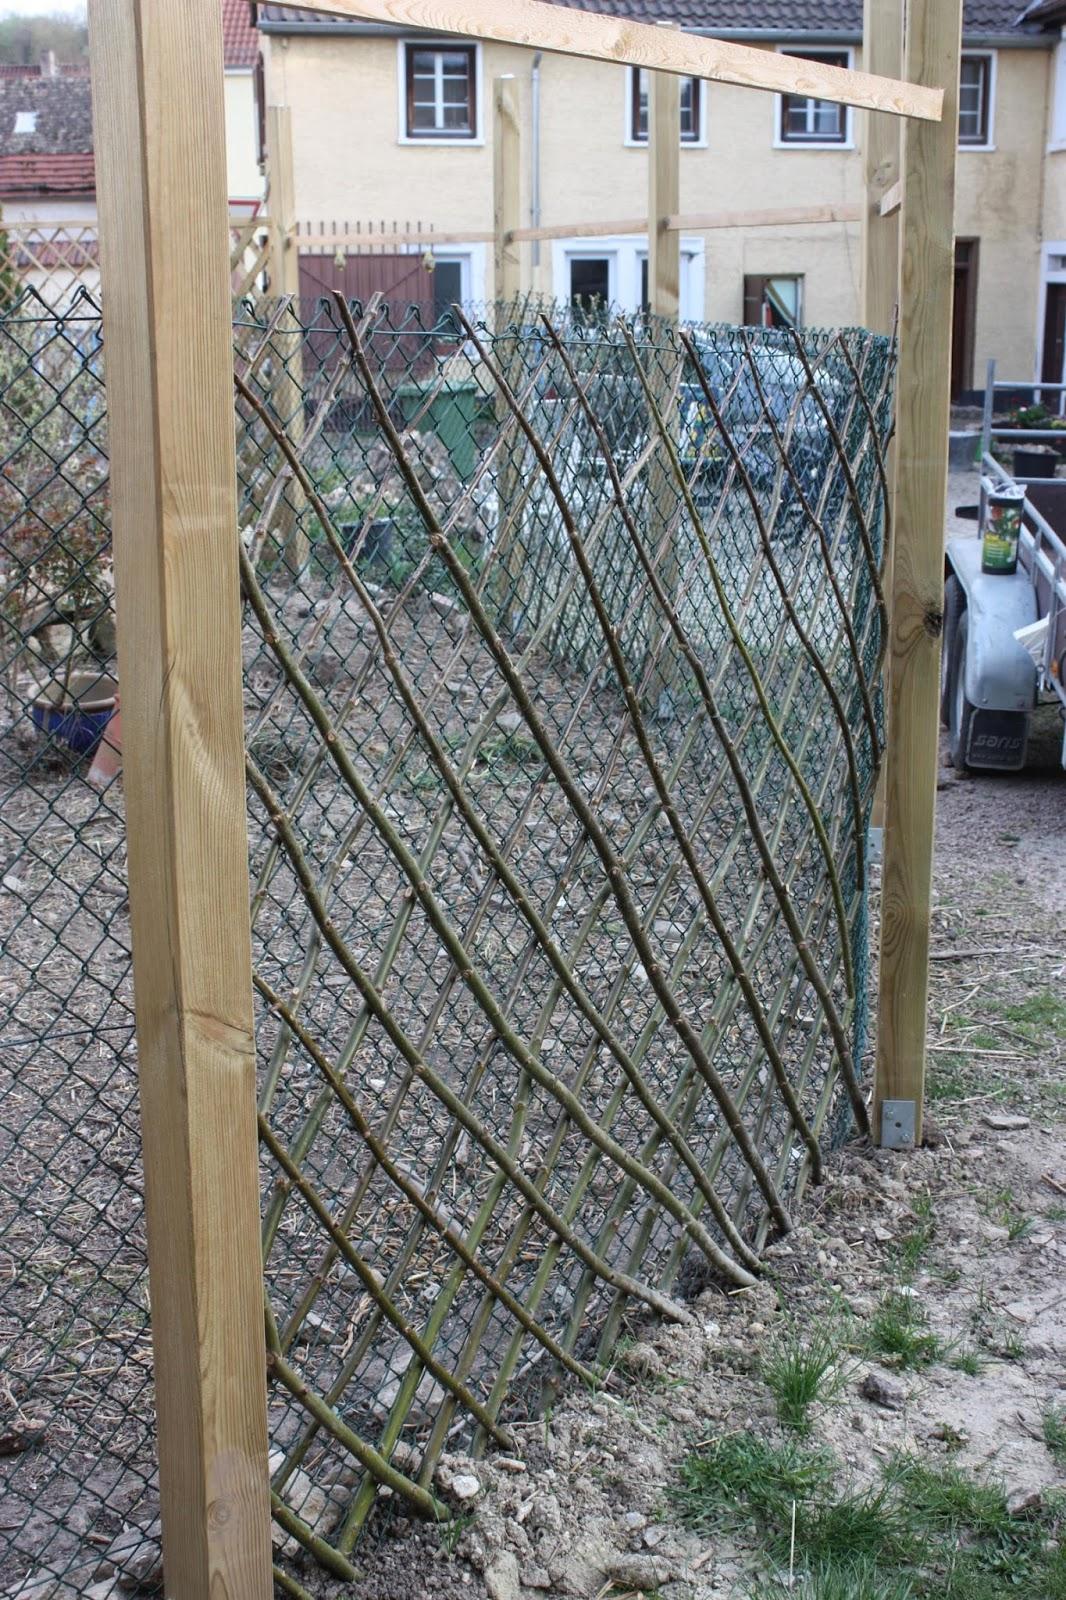 Hühnergehege uns hus ein bericht über die renovierung eines bauernhofes aus dem